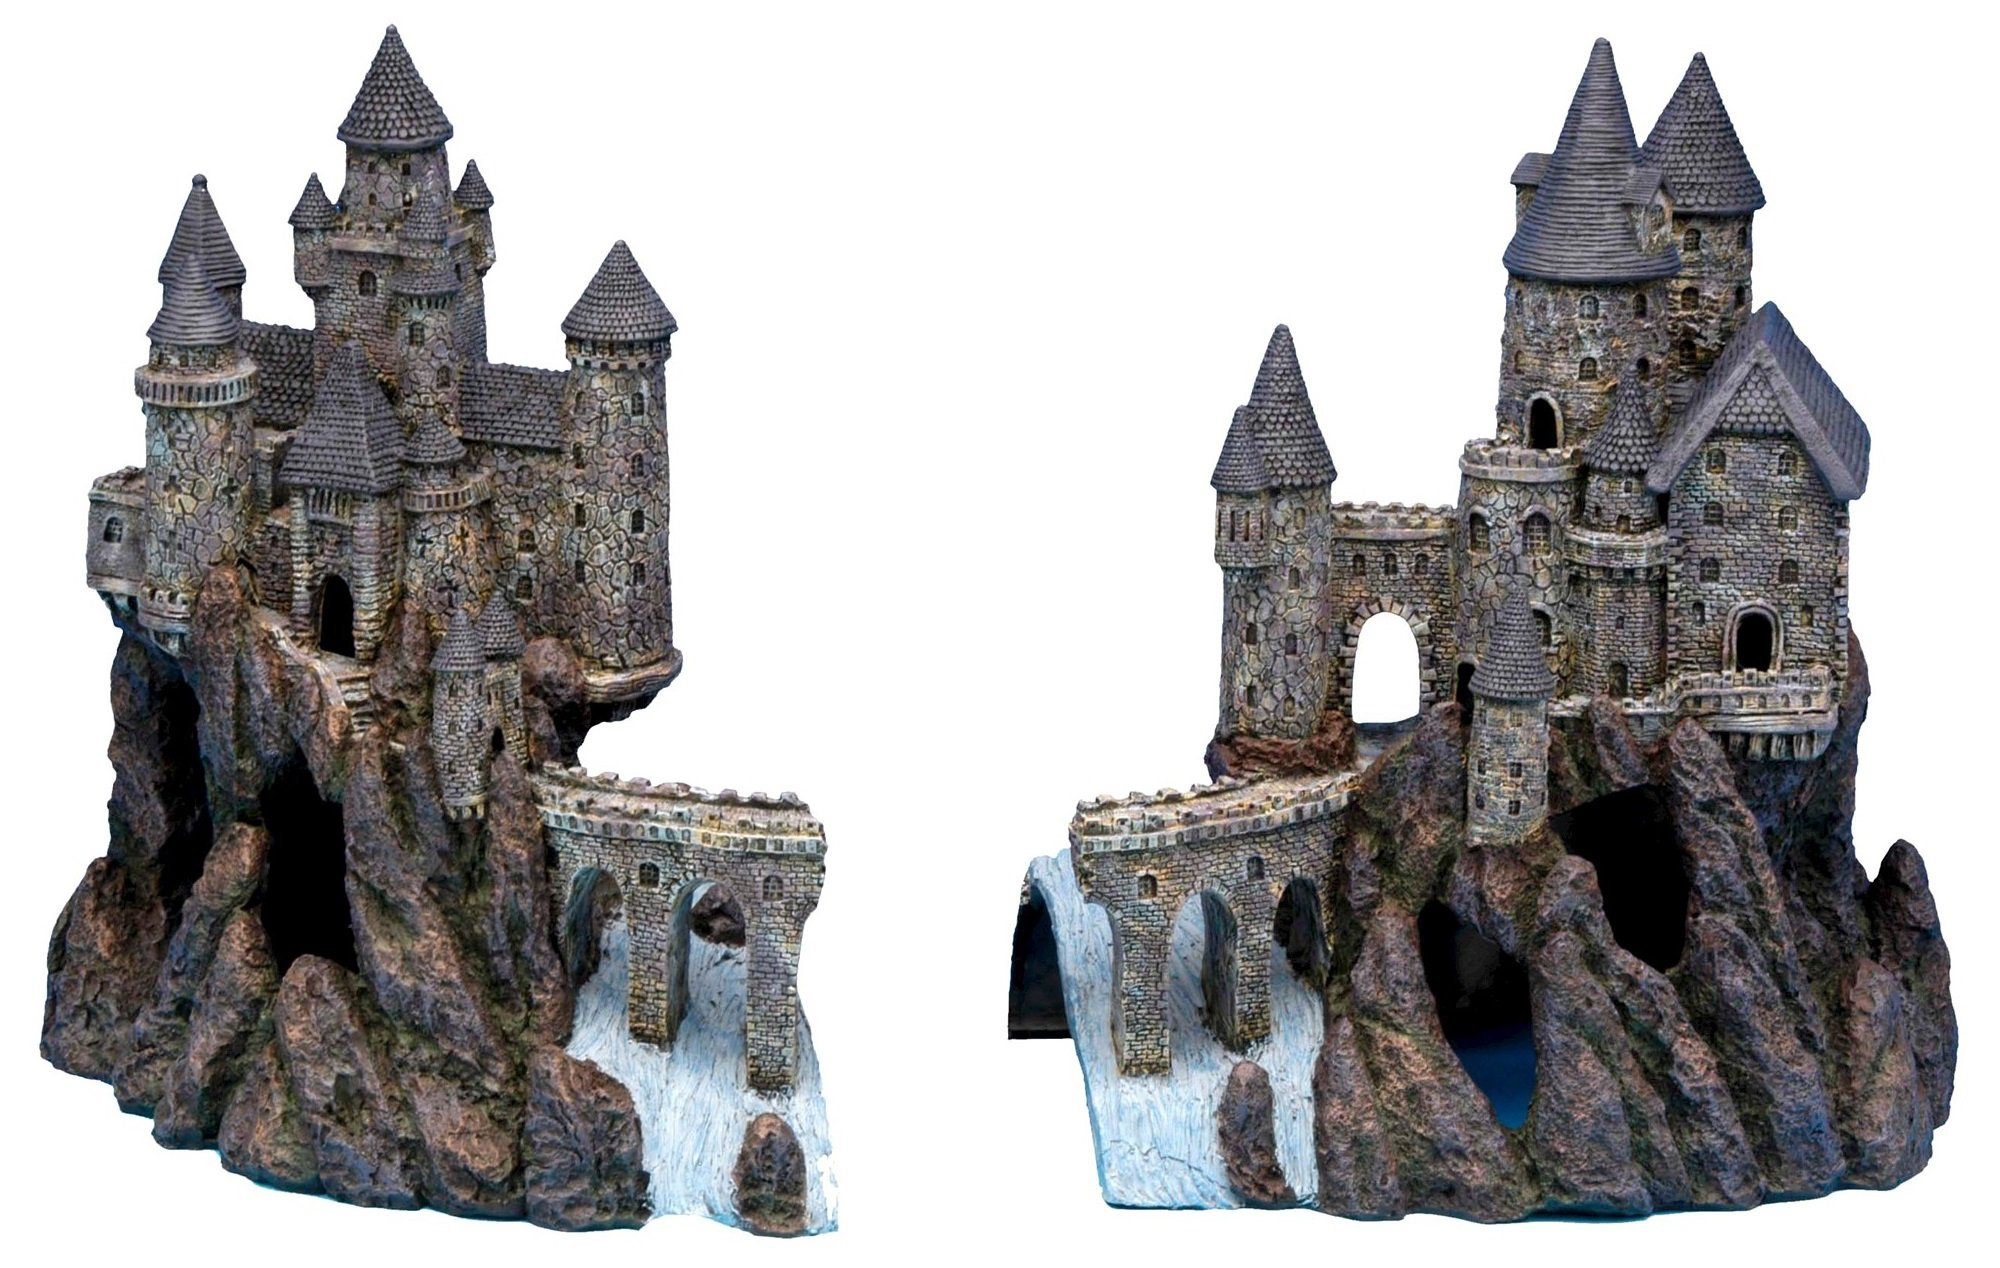 Penn Plax Super Castle A and Super Castle B for Aquariums- 15''H x 25.6''W x 10''D (Combined Dimensions)